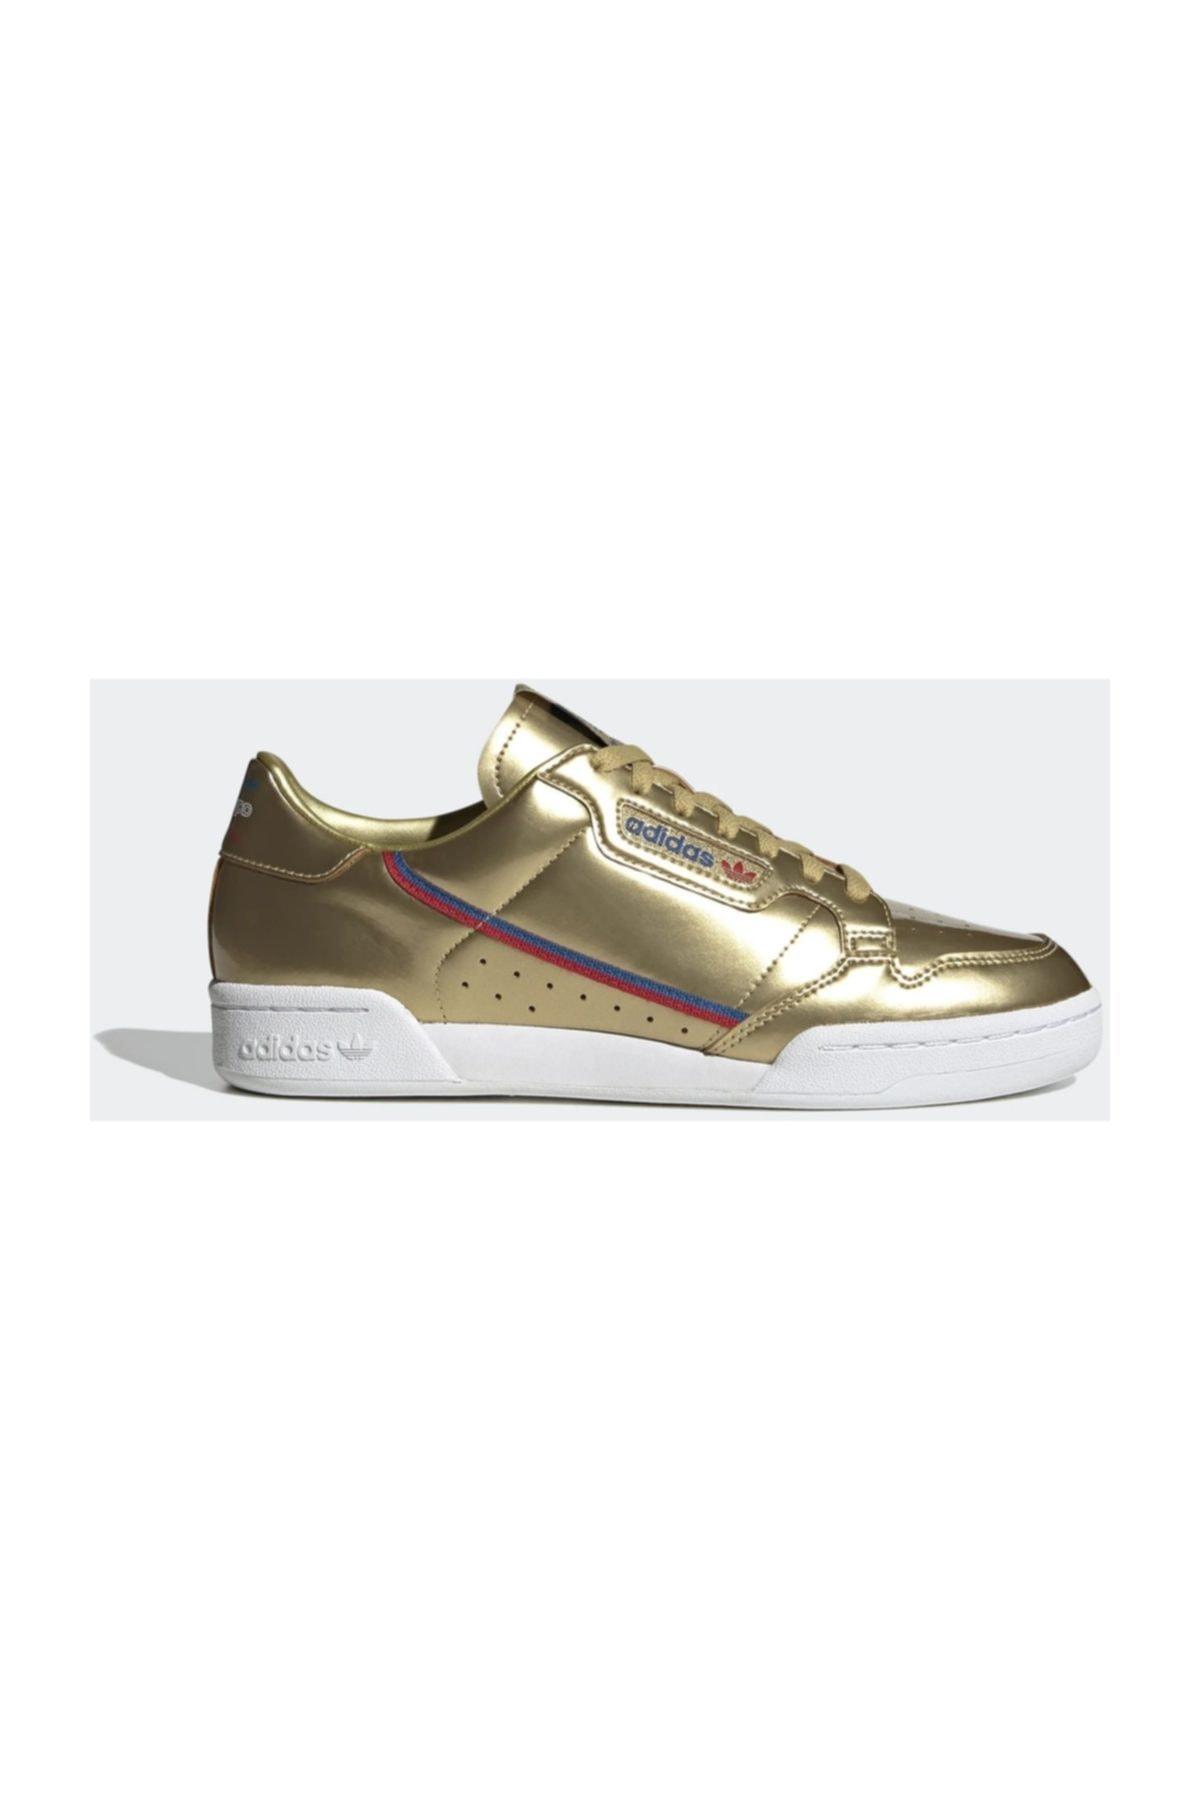 adidas Continental 80 Kadın Günlük Spor Ayakkabı 1